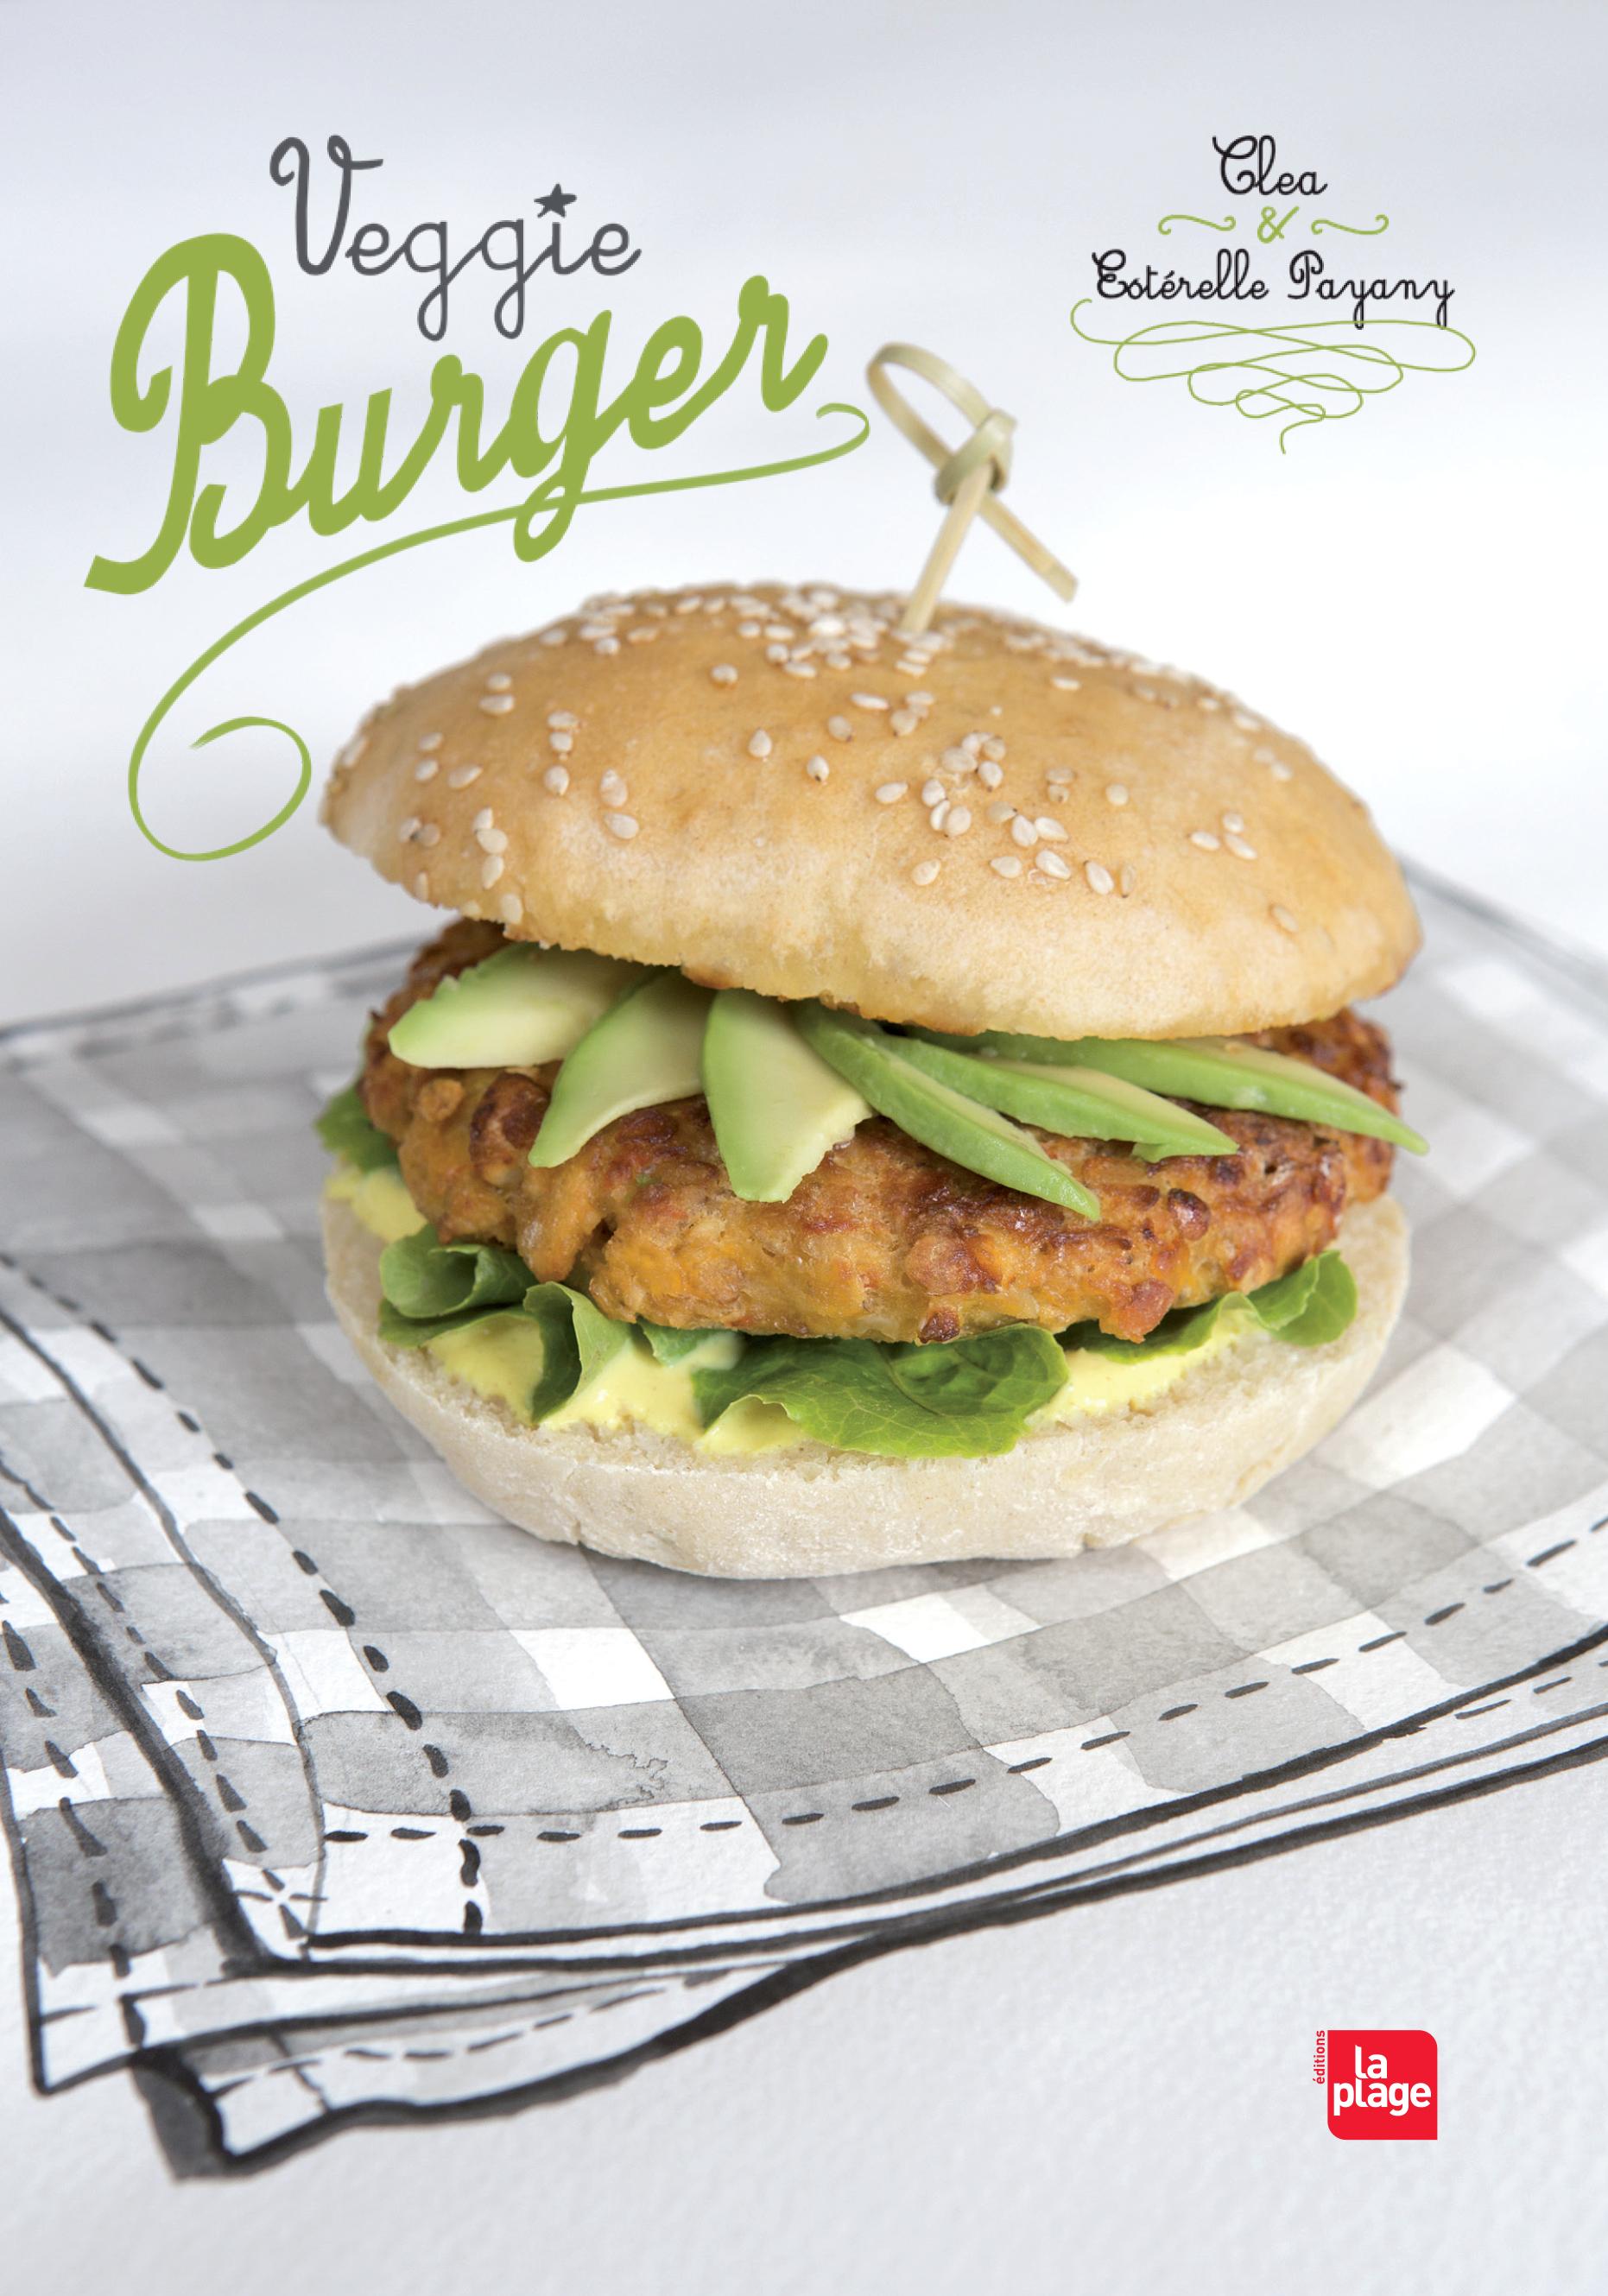 (c) Veggie Burger, Clea et Estérelle Payany, photos de Charlotte Brunet, Editions La Plage.